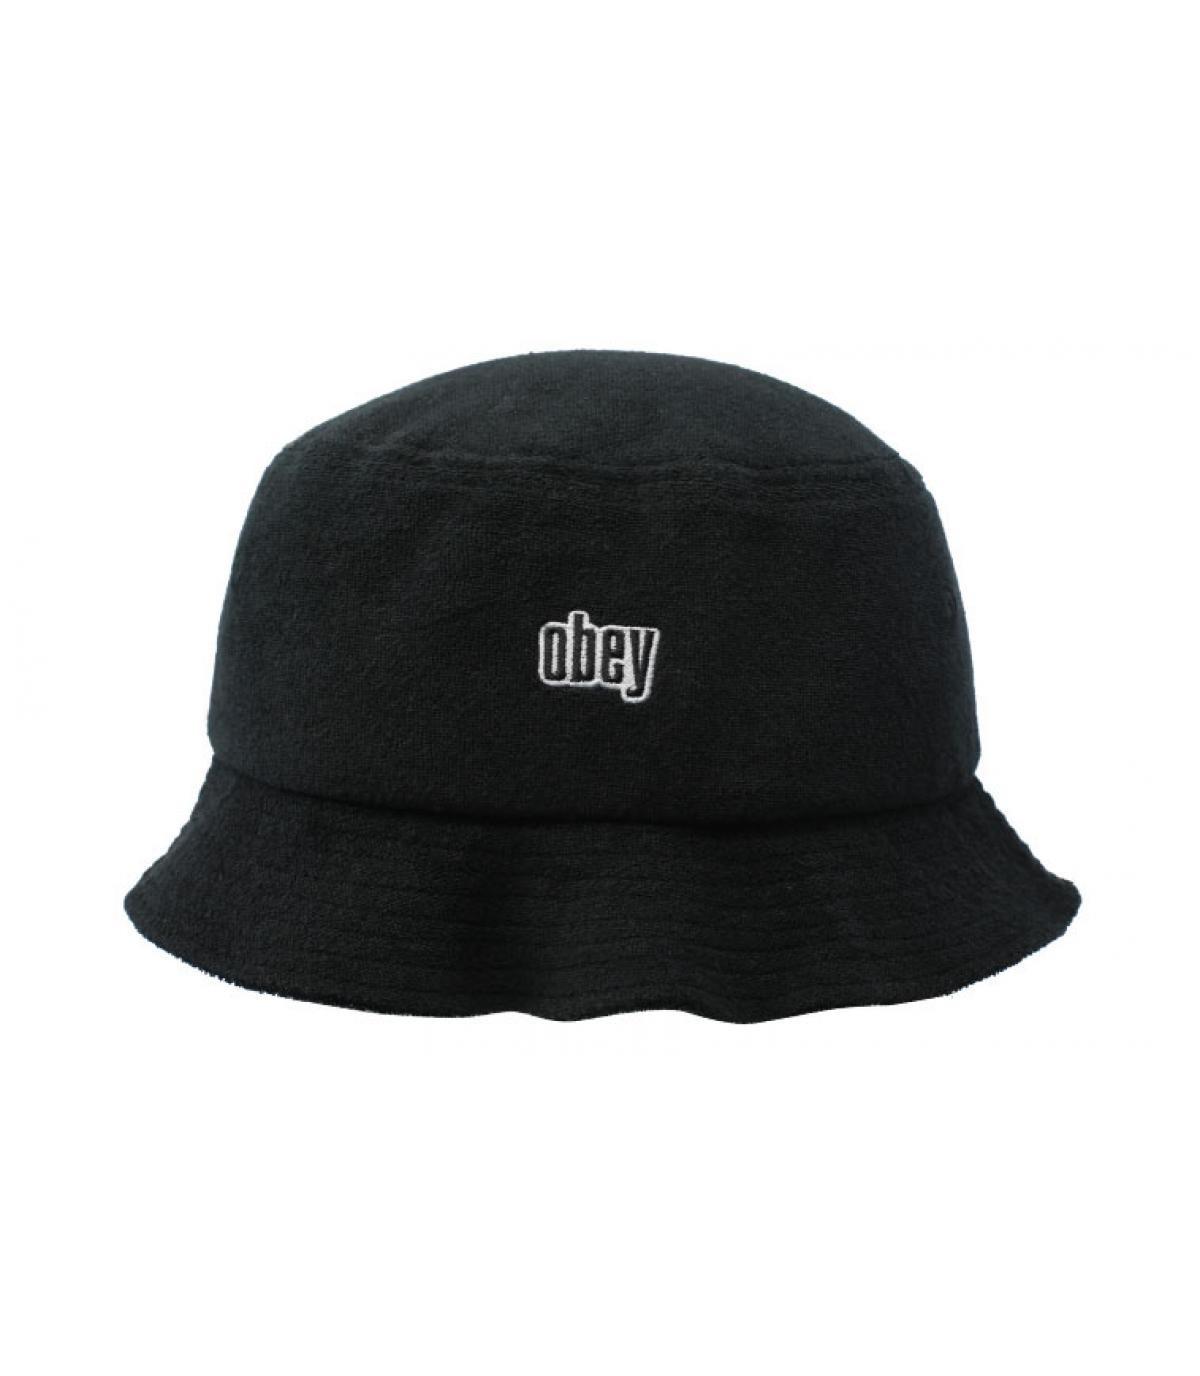 Black Obey bob